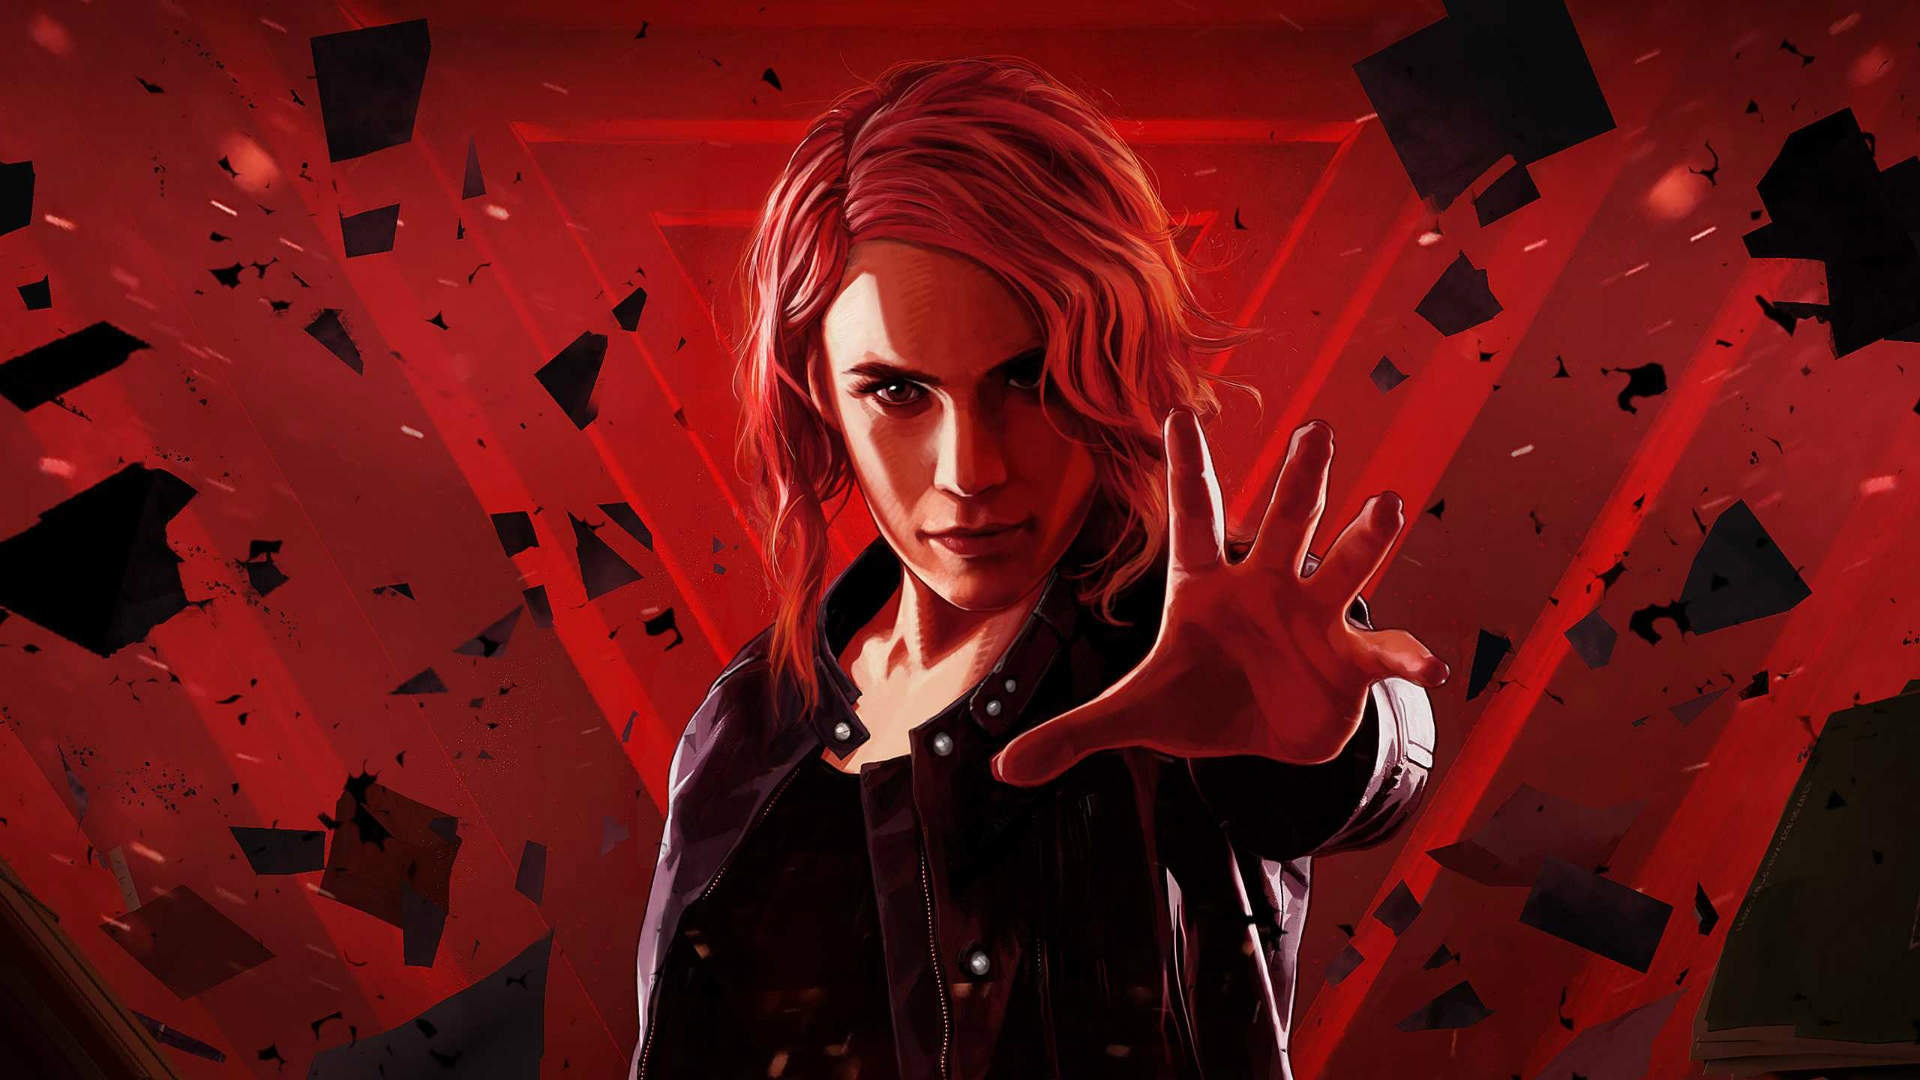 Remedy Entertainment подтвердили, что в рамках соглашения с издателем 505 Games следующая часть в серии Control будет масштабнее с большим бюджетом